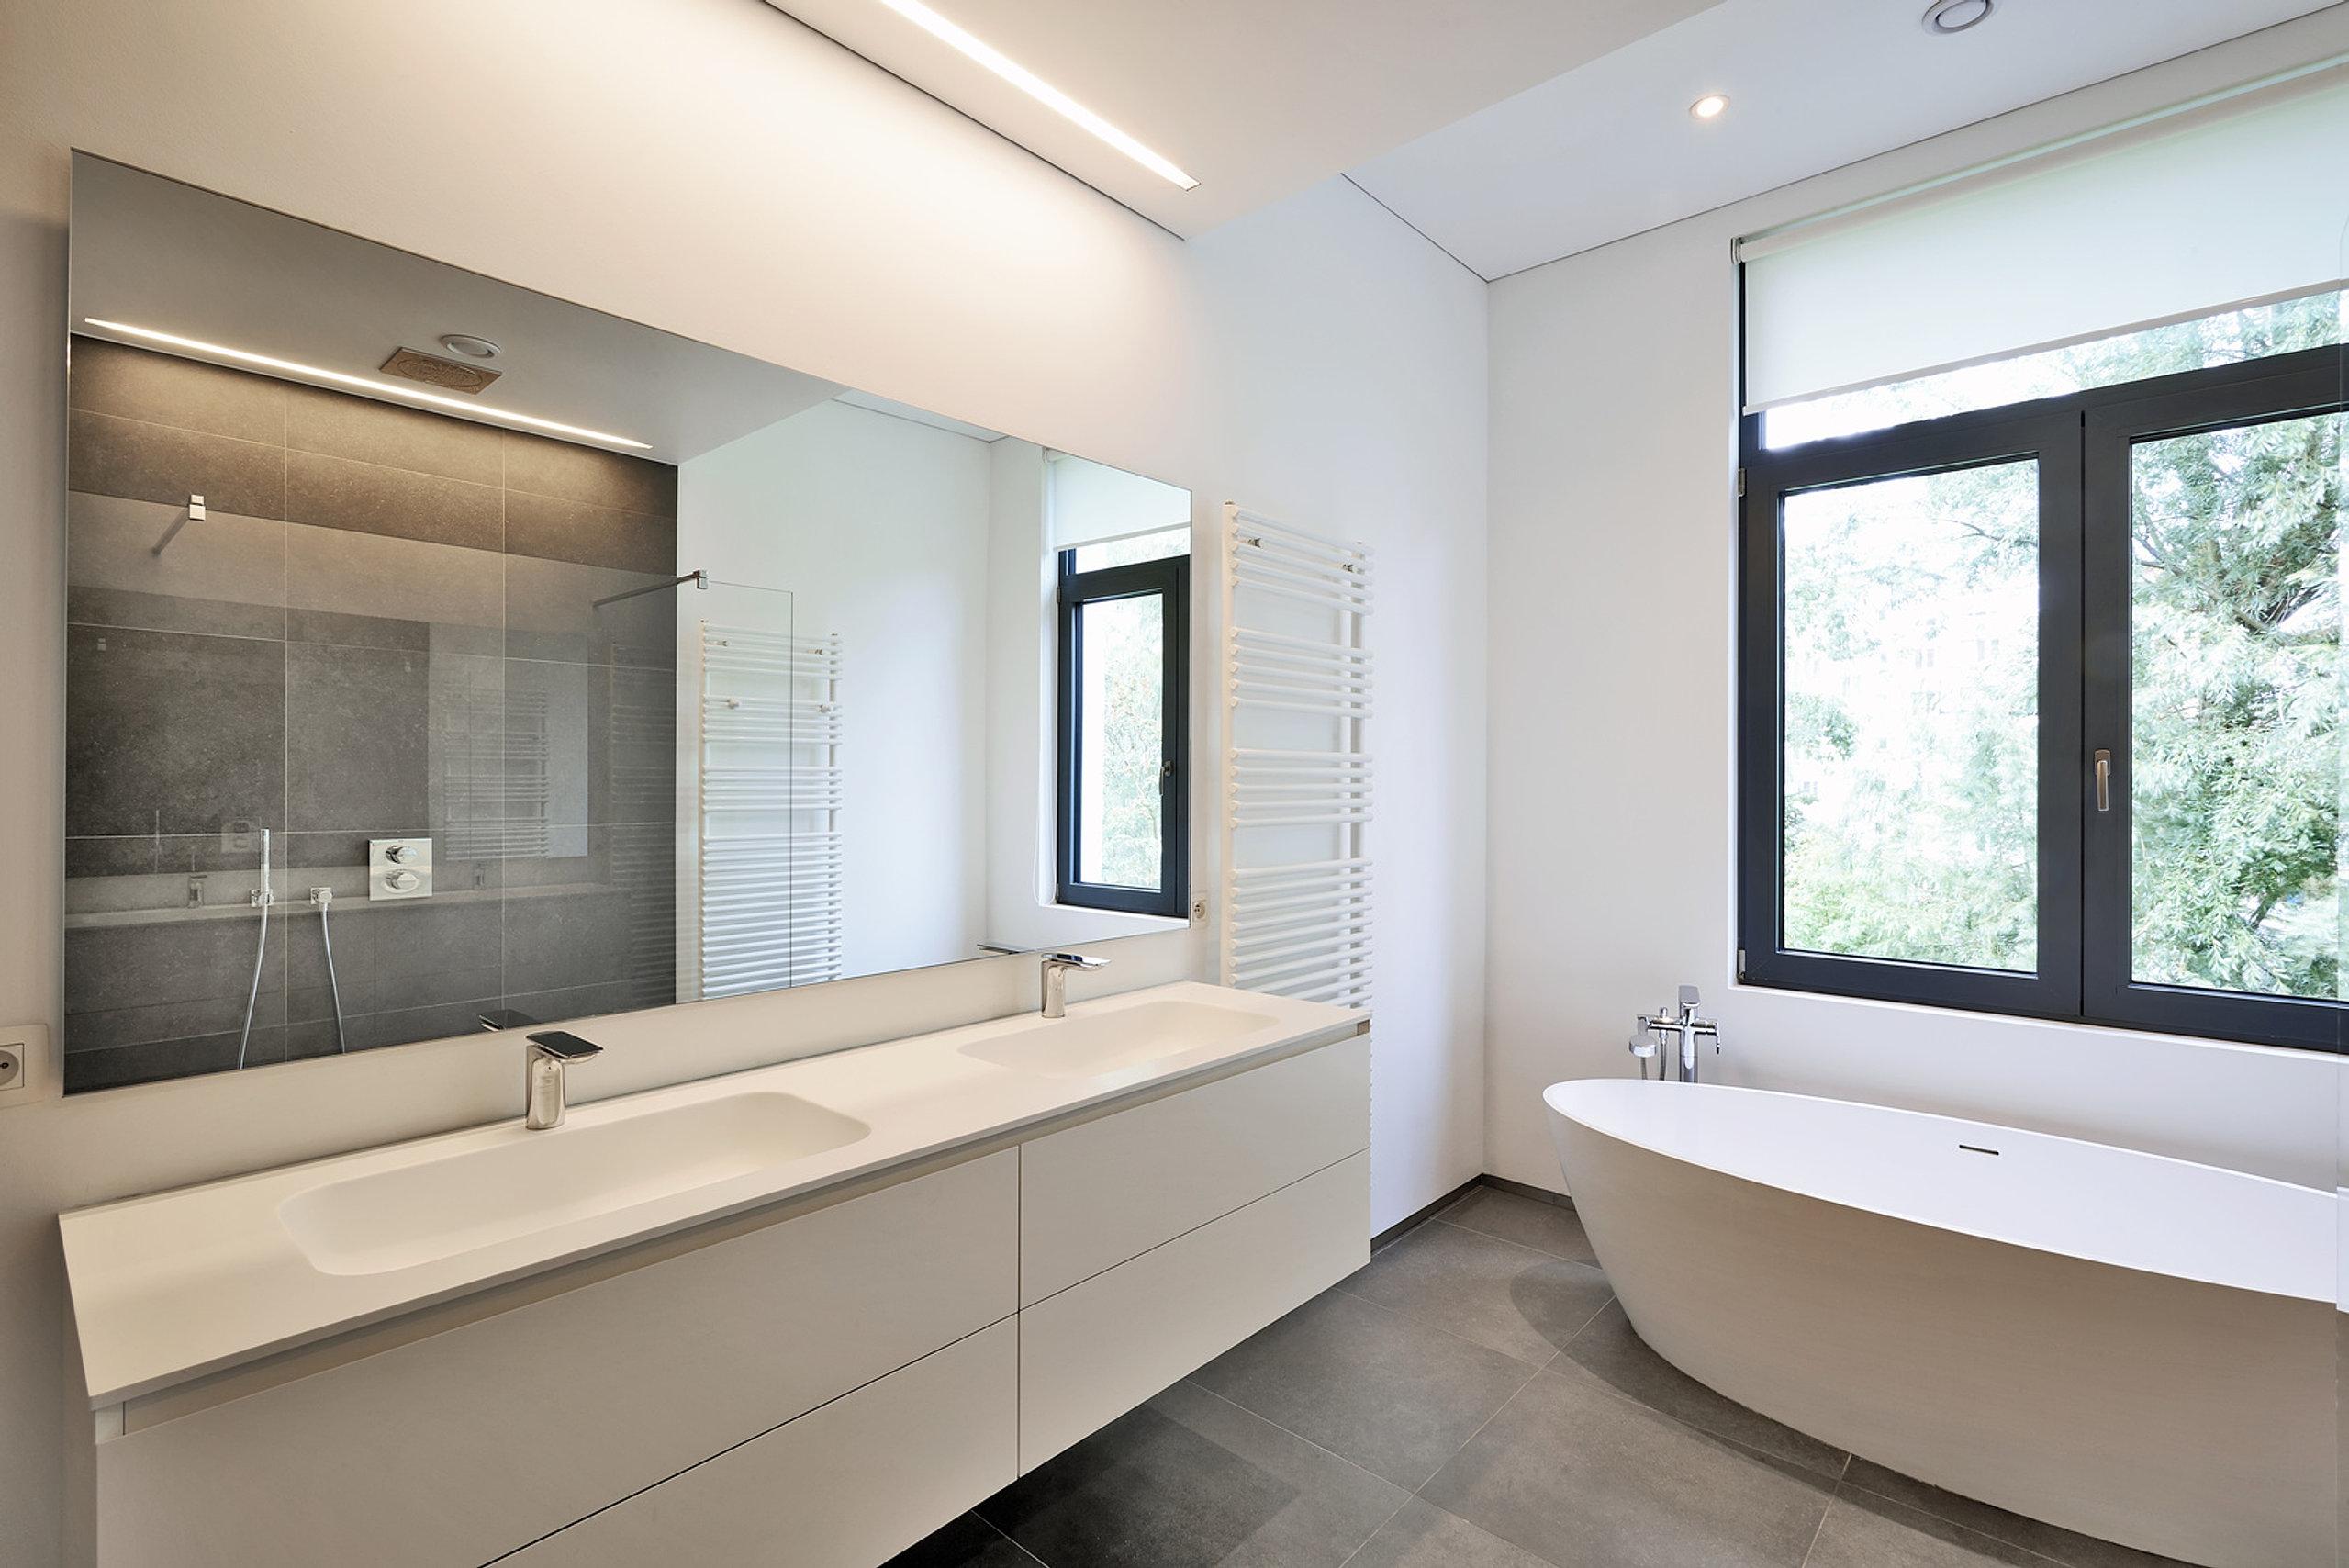 badmöbel tauschen, badewanne, waschbecken, waschtisch, dusche